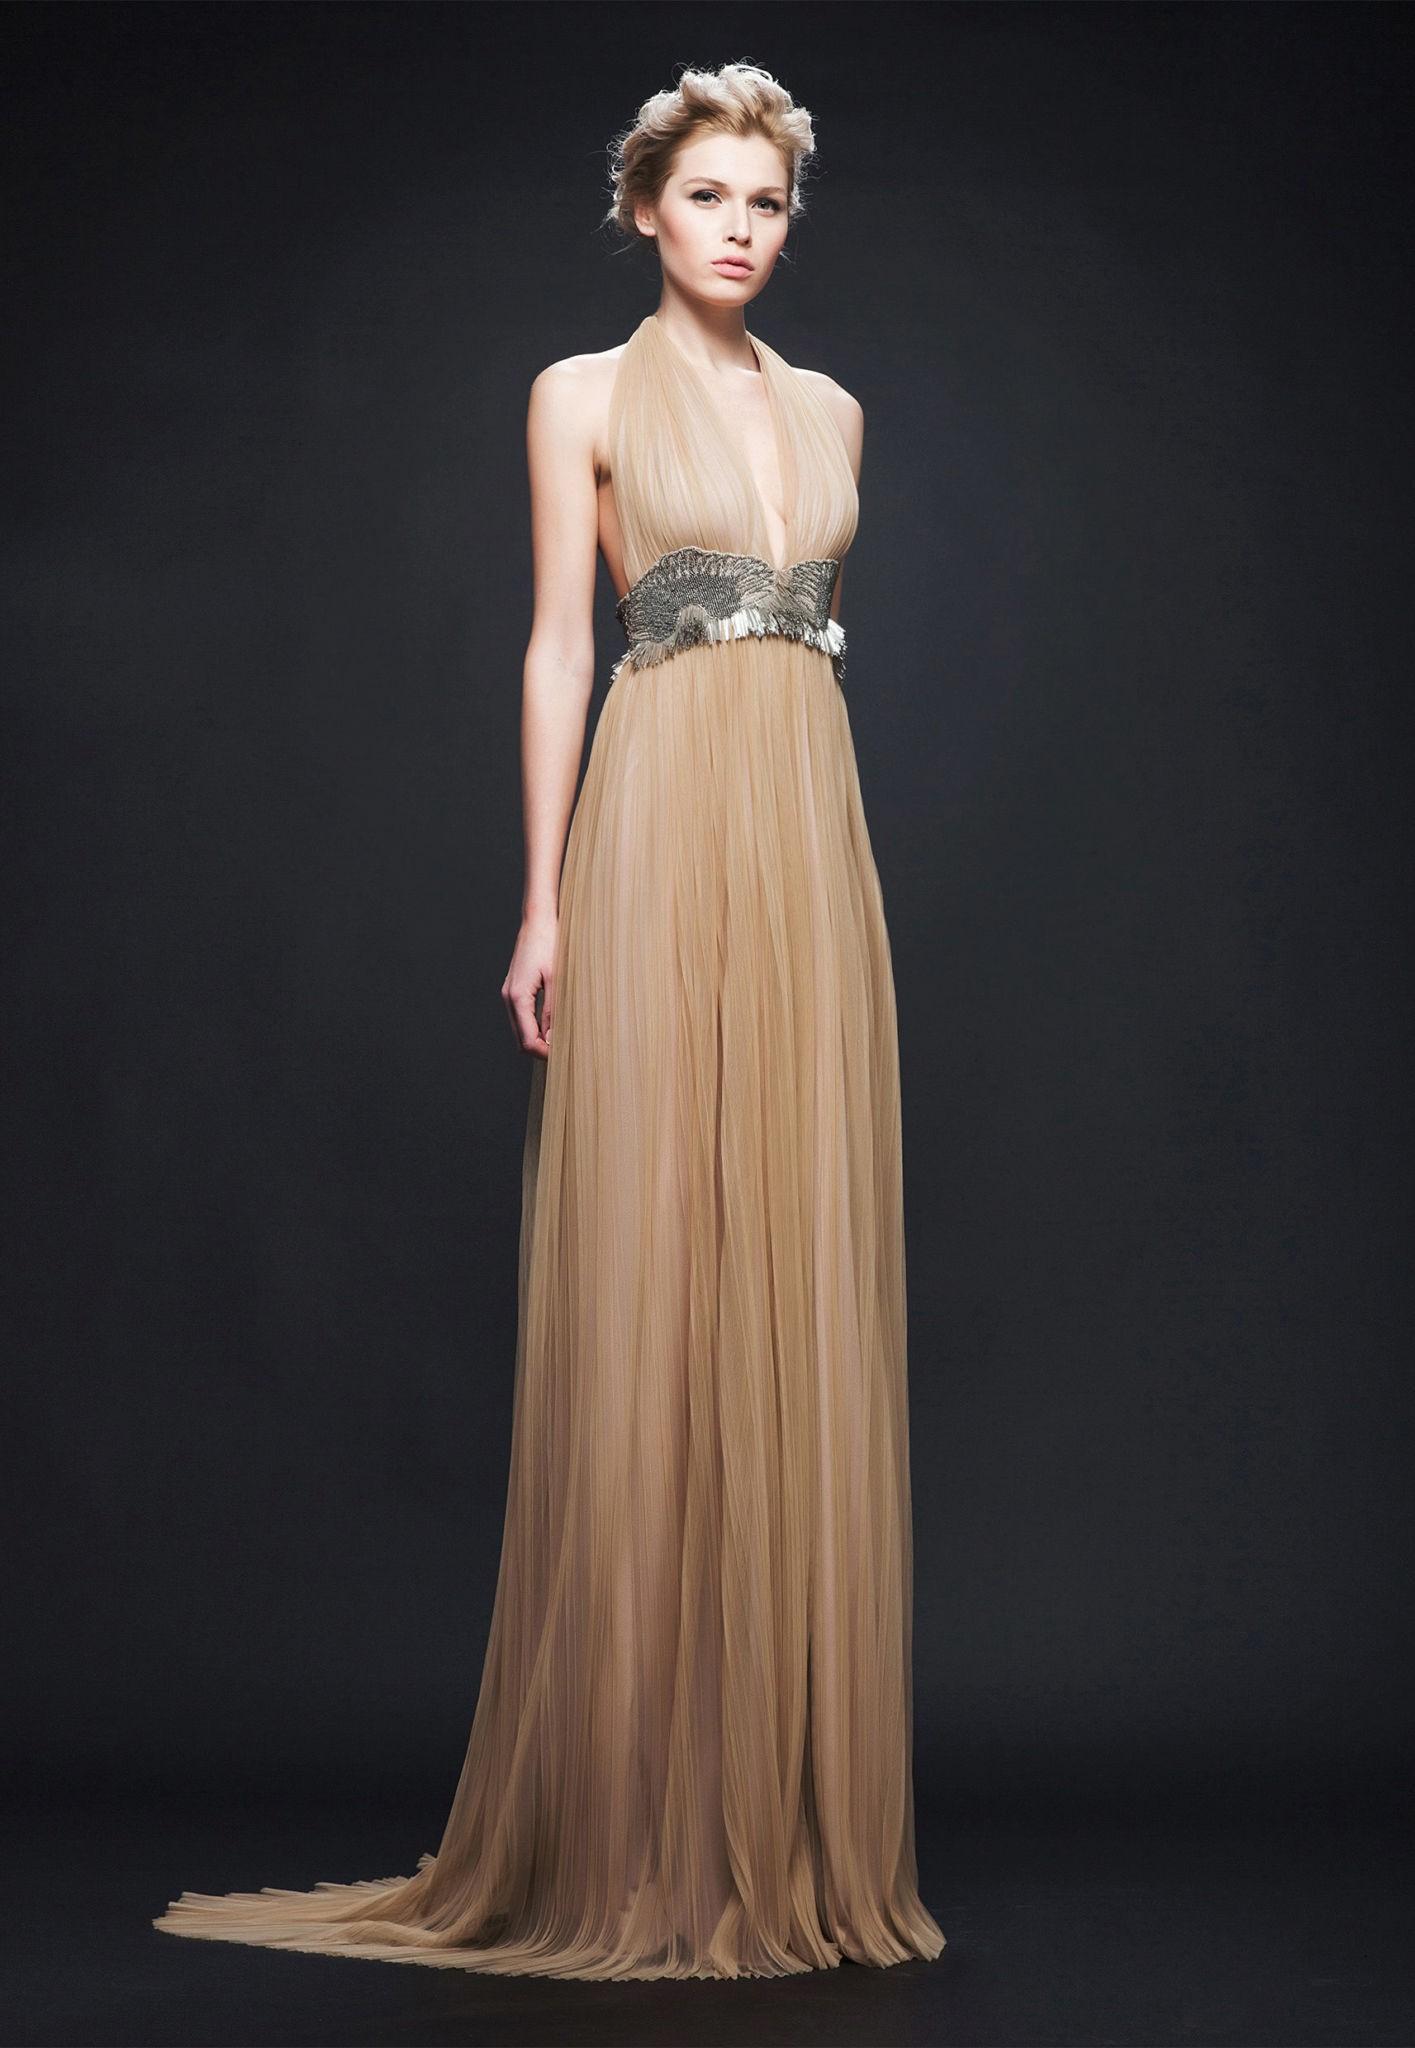 Платья на выпускной 2018 года: платье в пол бежевое под пояс